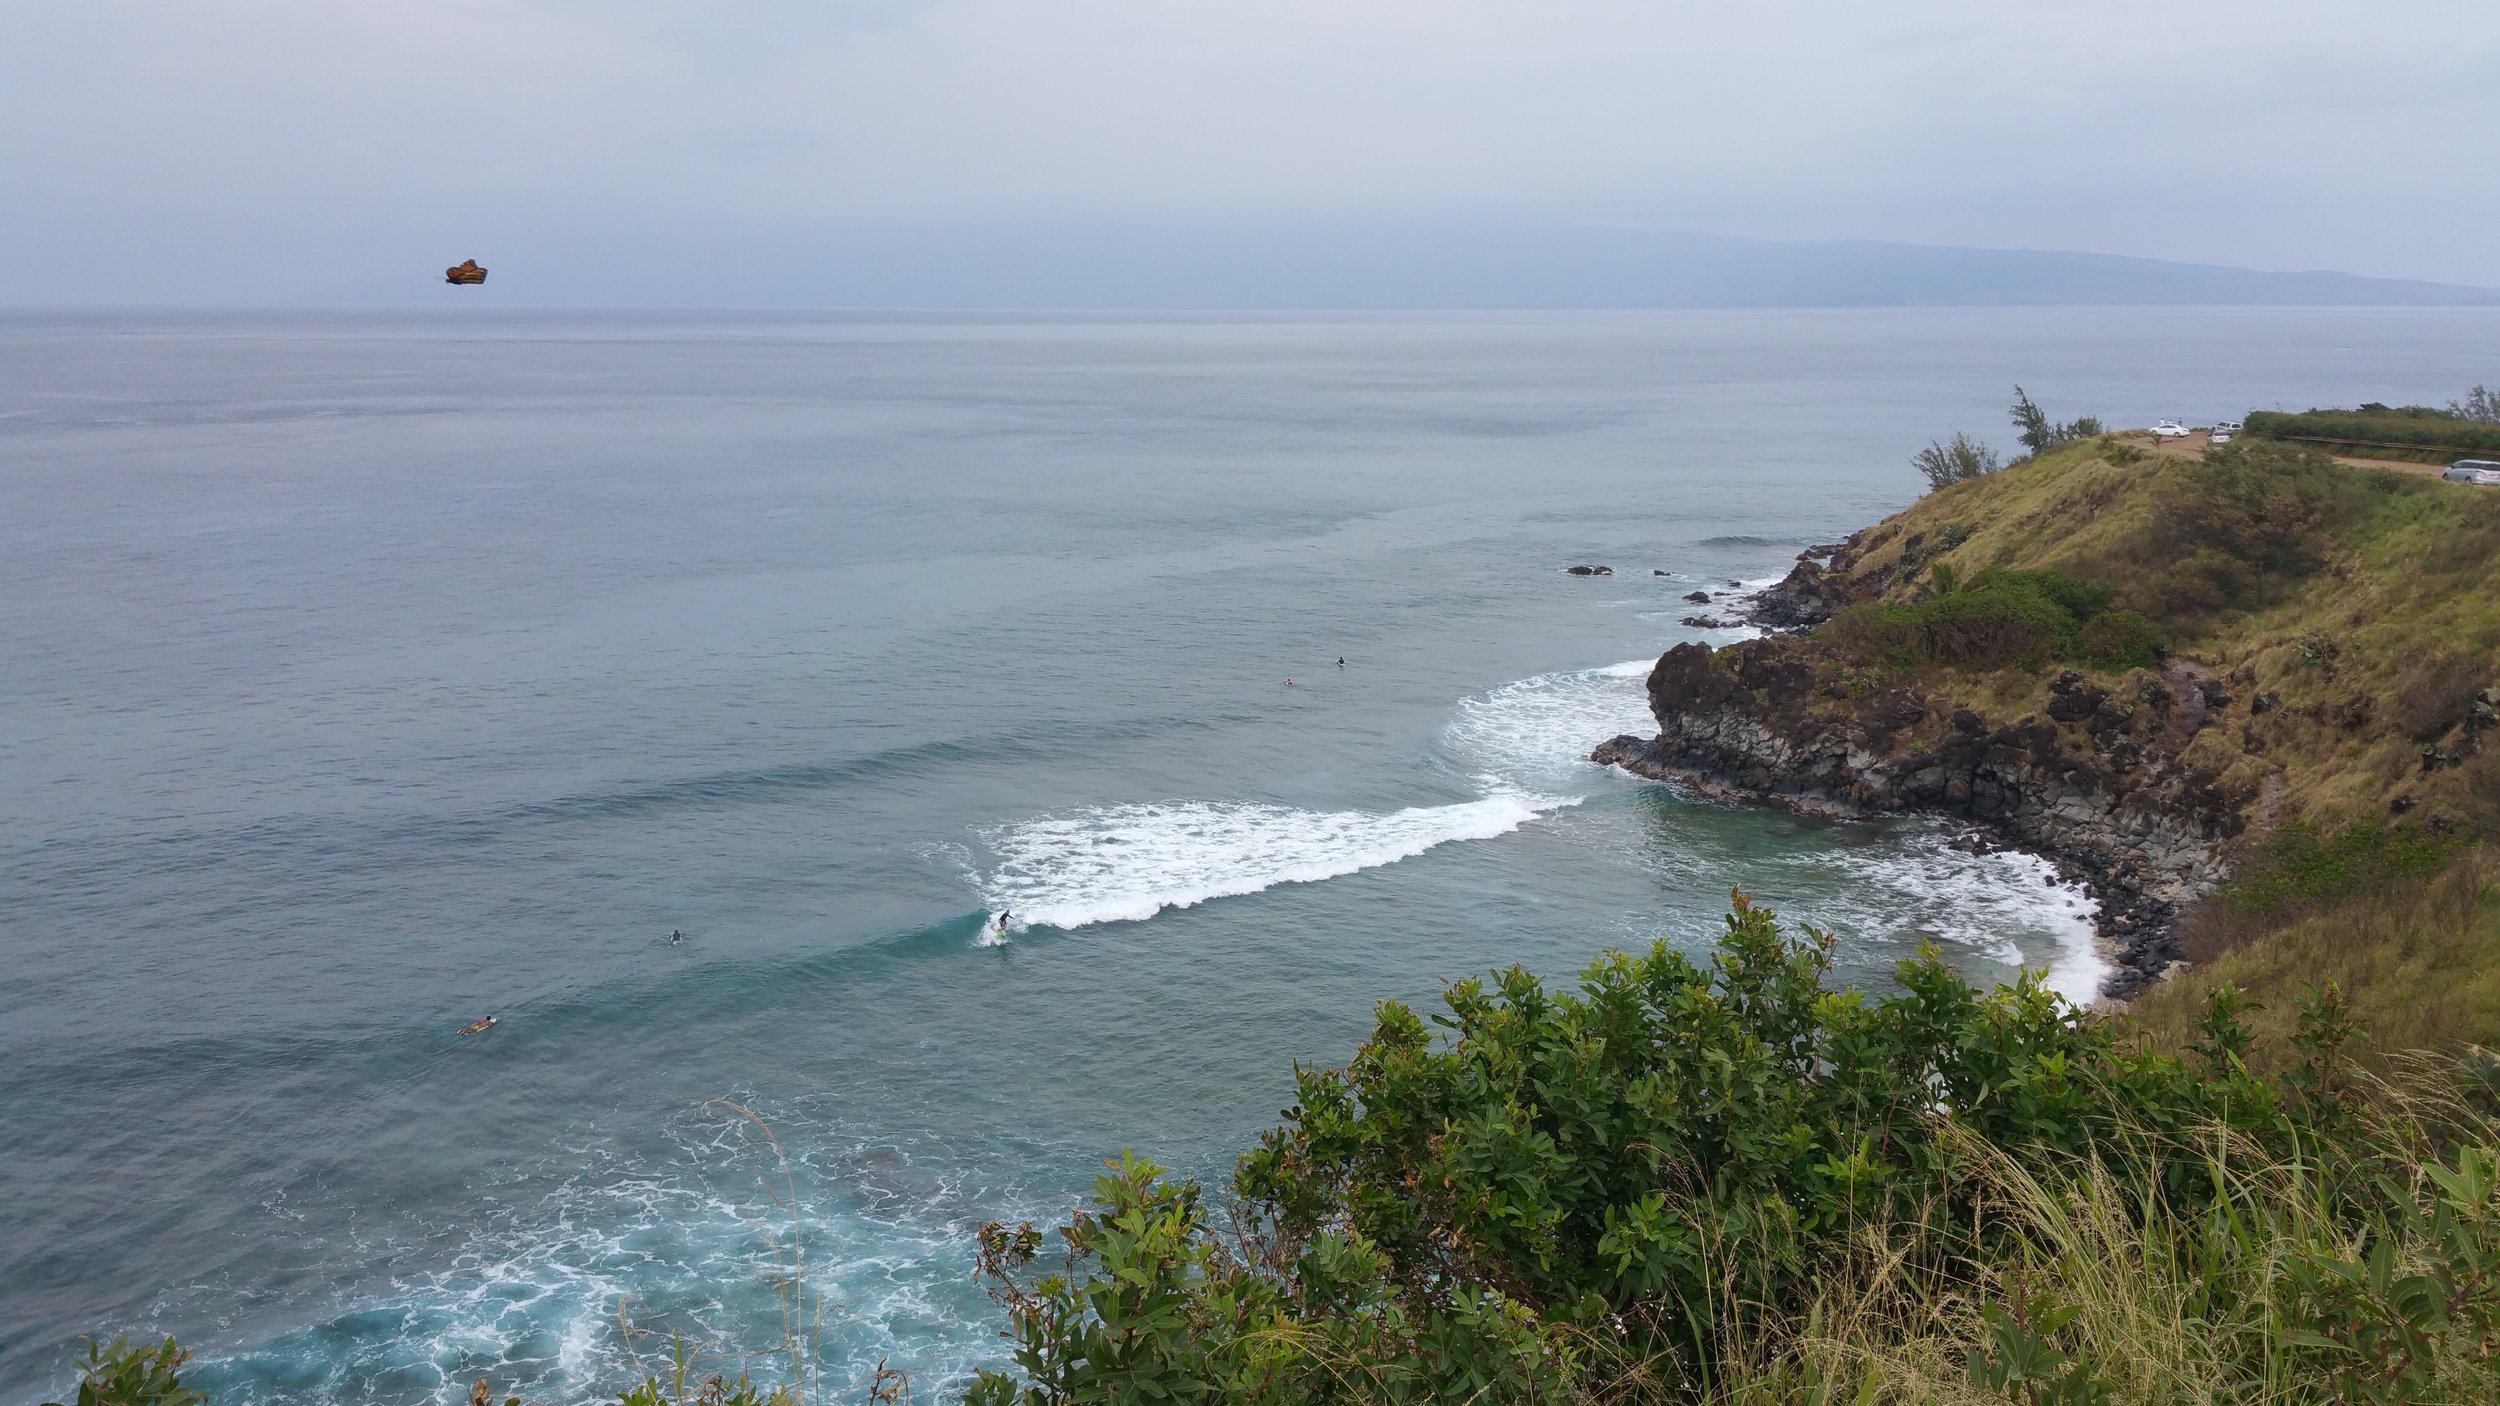 Honolua Bay/Lipoa Point